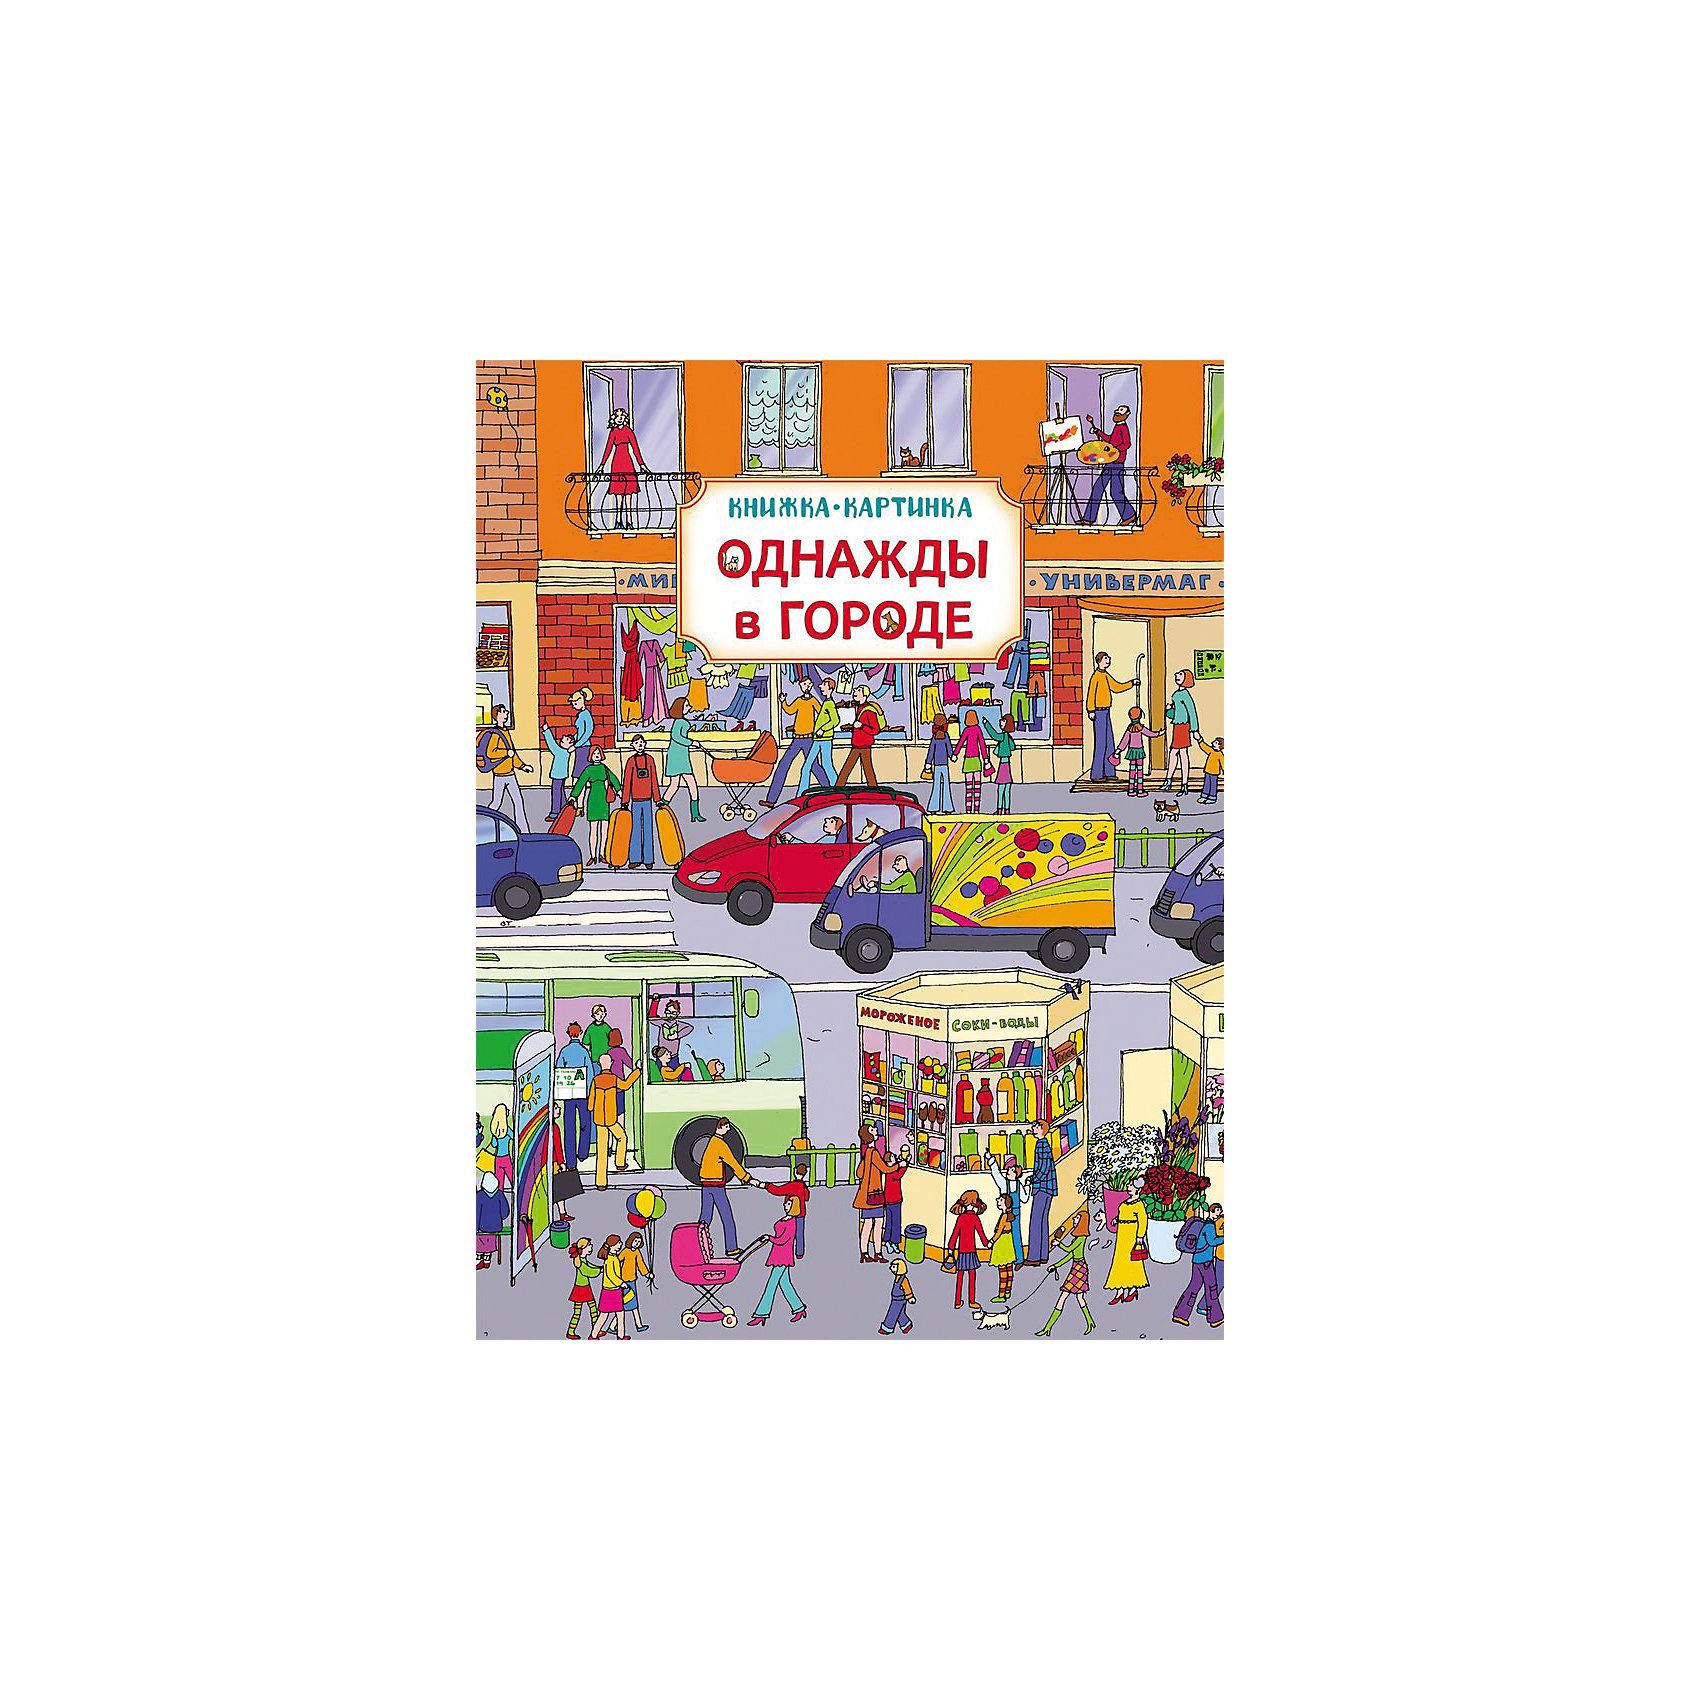 Книжка-картинка Однажды в городеВиммельбухи<br>Книжка-картинка Однажды в городе<br><br>Характеристики:<br><br><br>• ISBN: 9785353082057<br>• Количество страниц: 28<br>• Формат: А4   <br>• Обложка: твердая <br><br>Эта книга принадлежит к новому жанру - виммельбух, то есть книги, которая рассказывает историю не текстом, а картинками. Каждая иллюстрация занимает целый разворот. Всего их 14. Иллюстрации обширны и детализированы и позволяют изучать и рассматривать себя часами, каждый раз открывая что-то новое. Используя эту книгу, ребенок сможет сам сочинить истории о жизни героев, изображенных на страницах книги, или же это могут сделать родители, используя книгу как основу для придумывания сказок вместе со своими детьми.<br><br>Книжка-картинка Однажды в городе можно купить в нашем интернет-магазине.<br><br>Ширина мм: 310<br>Глубина мм: 234<br>Высота мм: 120<br>Вес г: 440<br>Возраст от месяцев: -2147483648<br>Возраст до месяцев: 2147483647<br>Пол: Унисекс<br>Возраст: Детский<br>SKU: 5507114